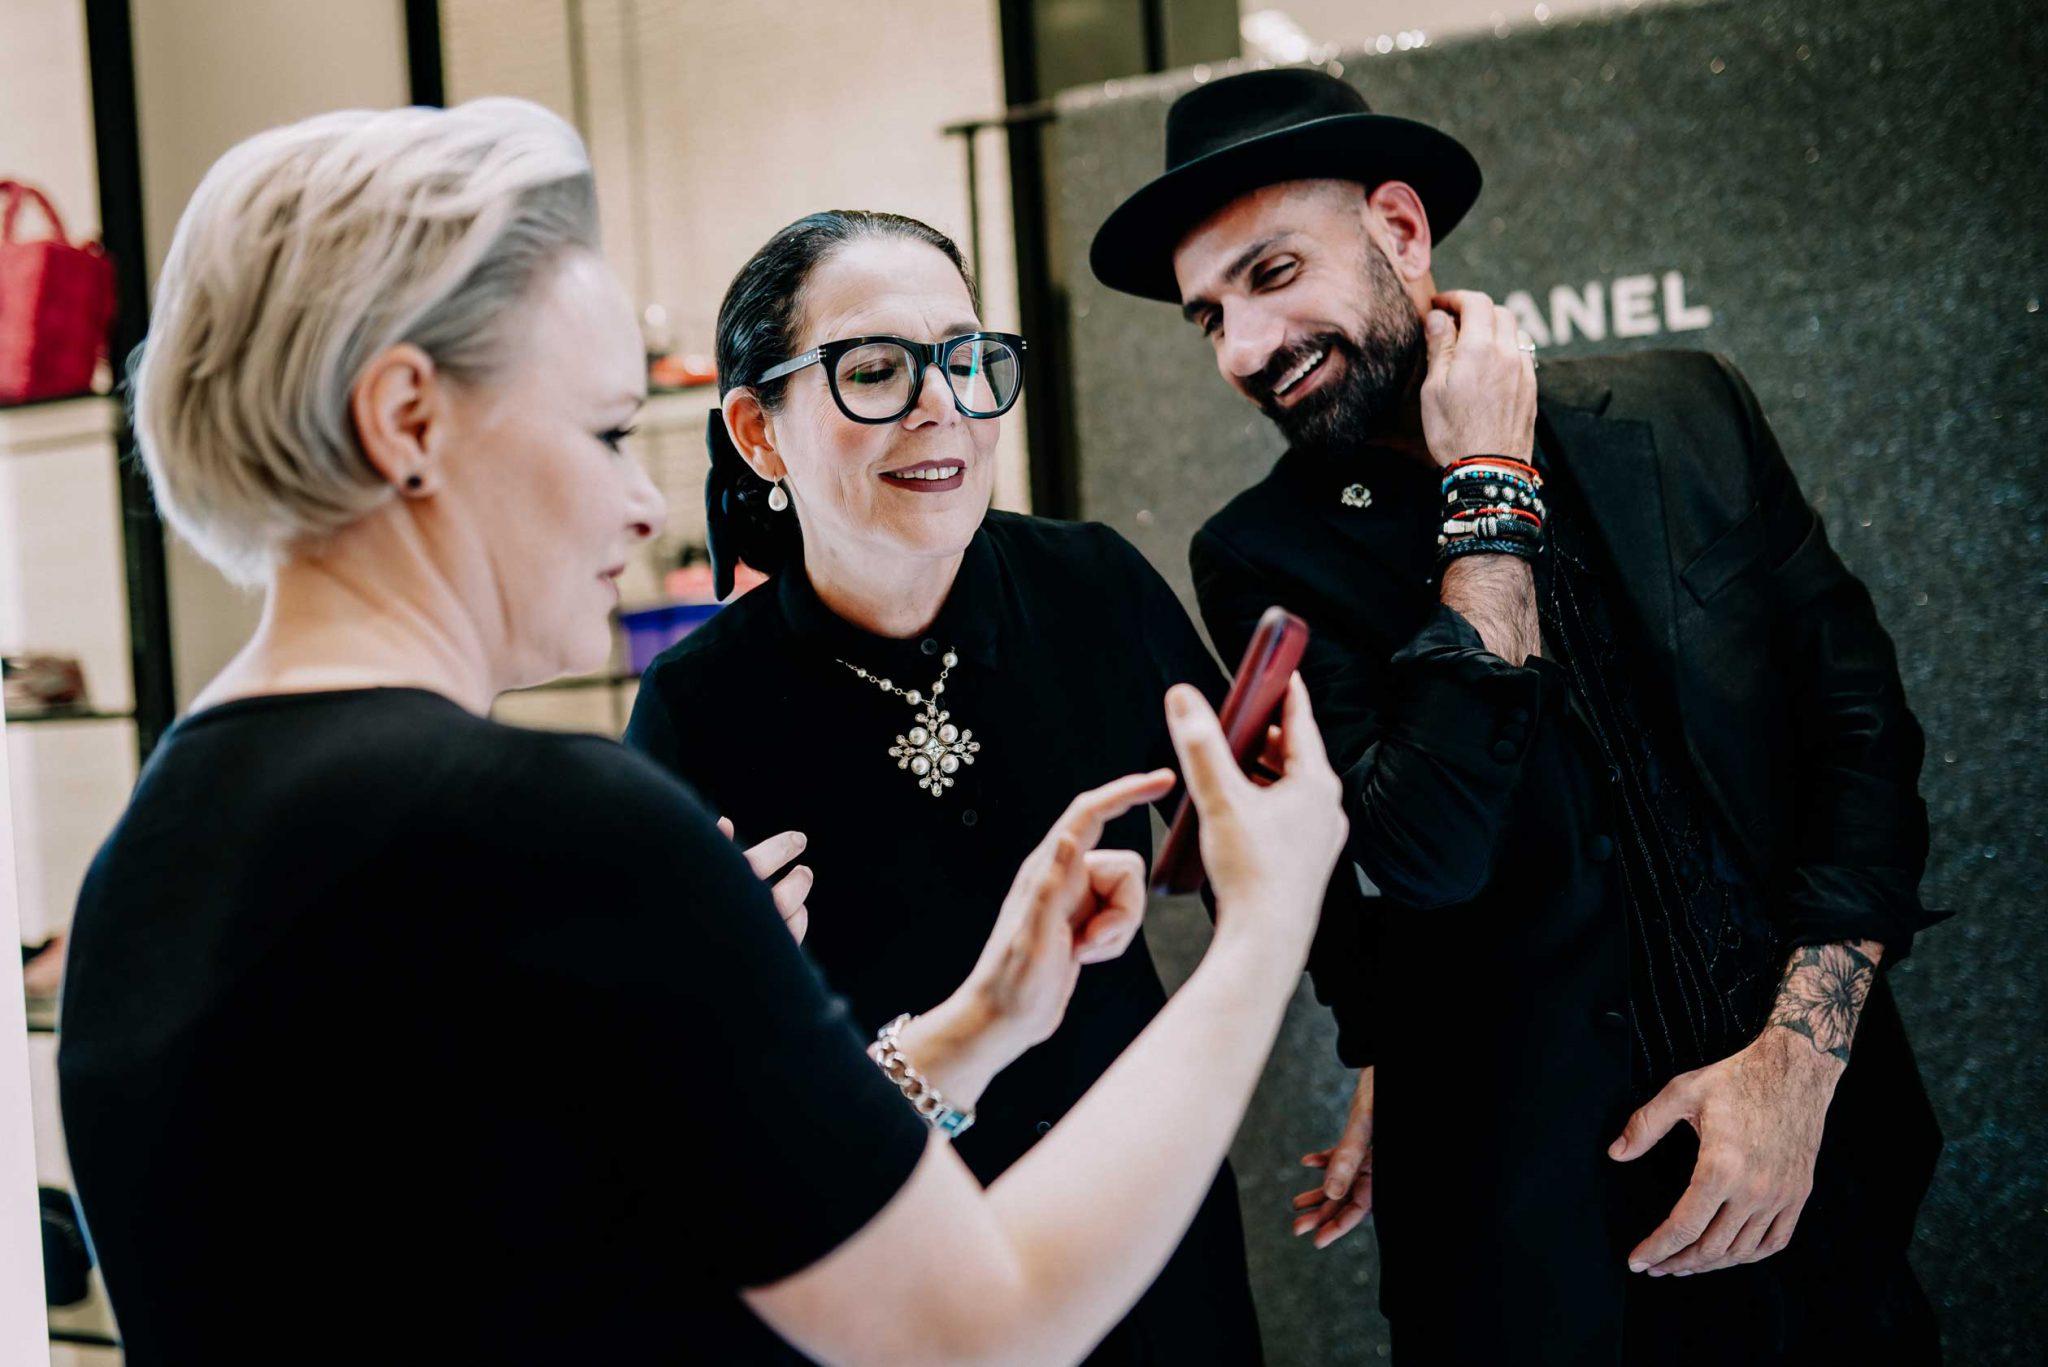 Chanel_Boutique_Cocktail_event_Ilsoo_van_Dijk_07122019-00853